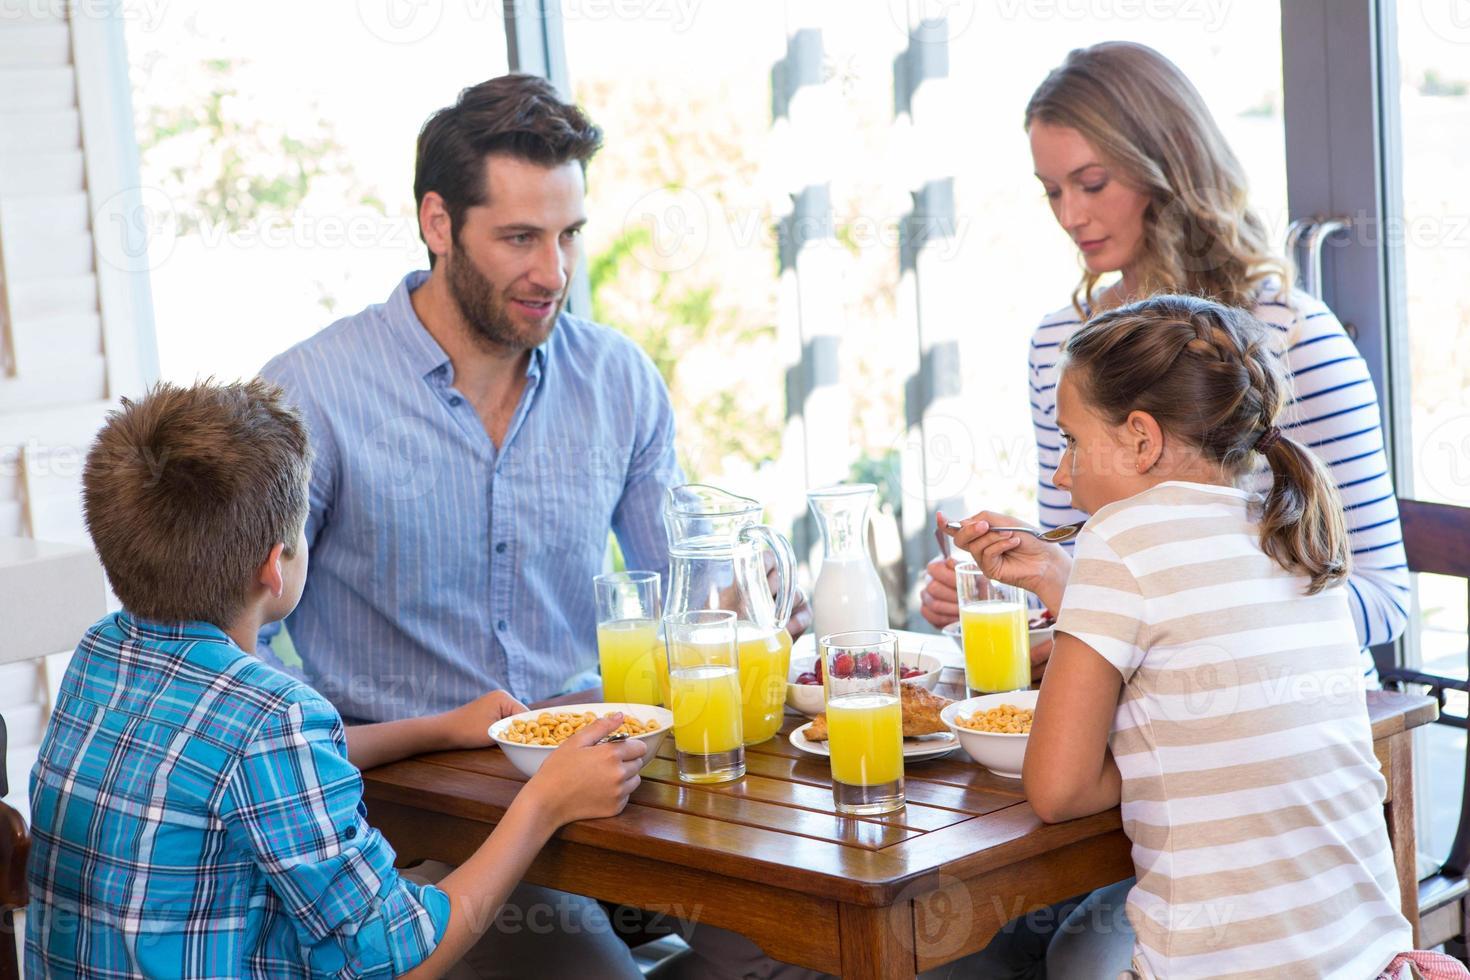 famiglia felice facendo colazione insieme foto